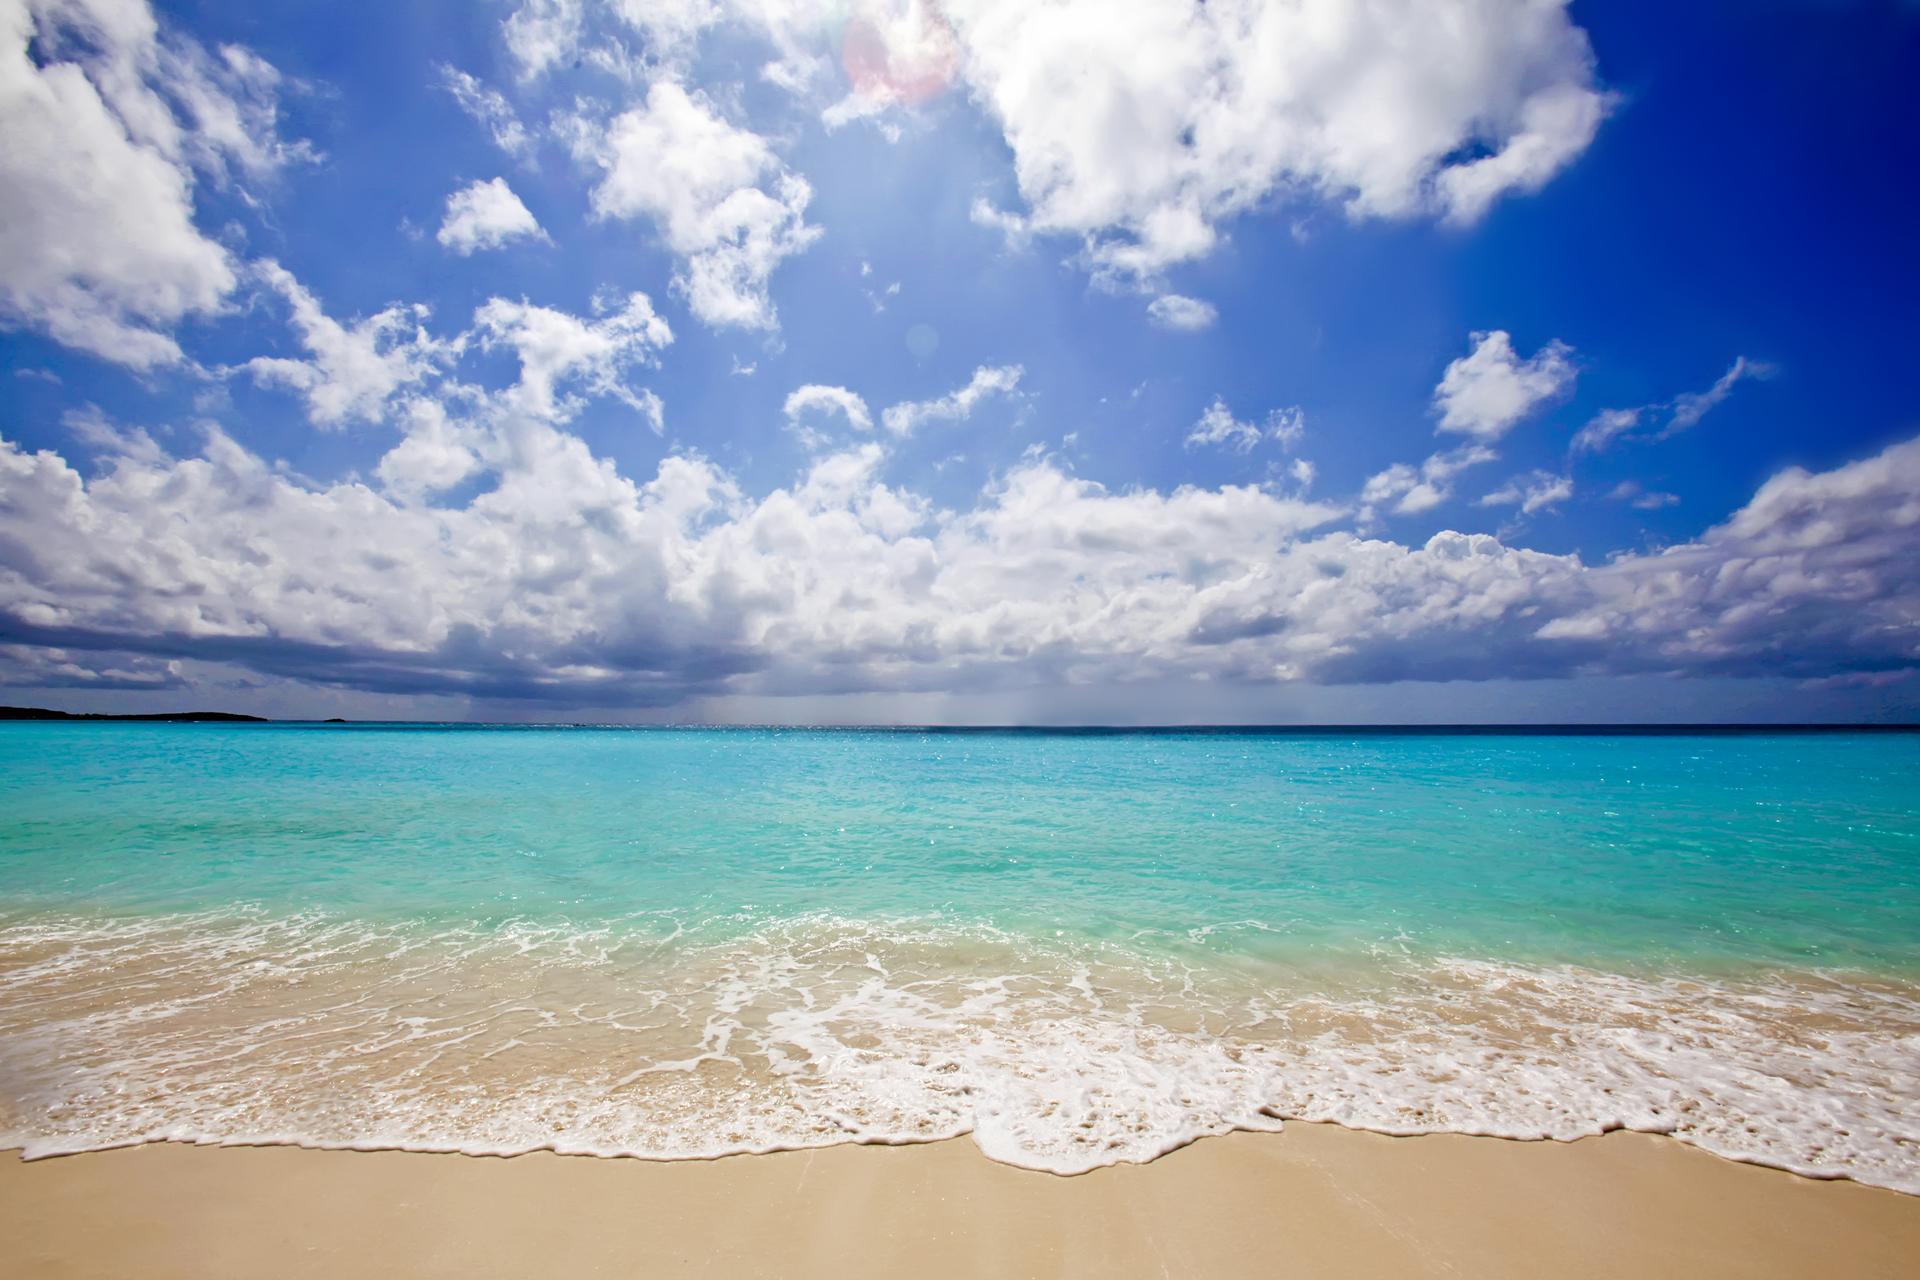 caribbean beach wallpaper HD by venomxbaby 1920x1280